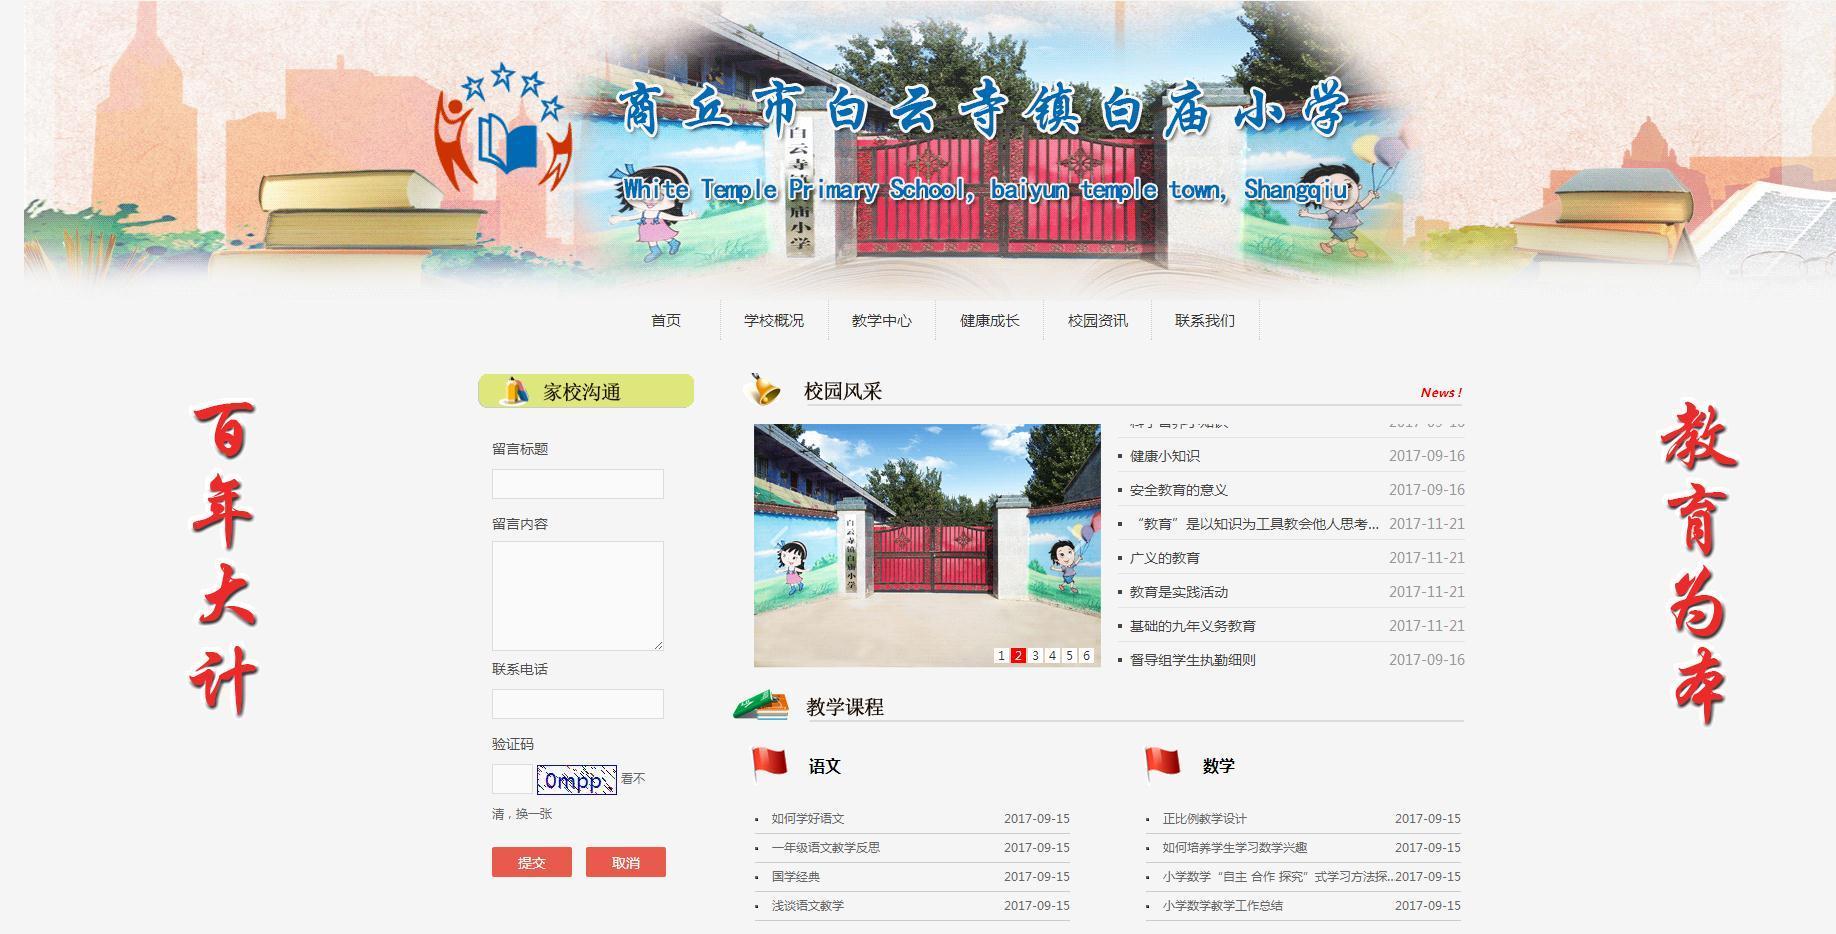 郑州做ope官方ope官方ope官方网站下载下载下载学校案例